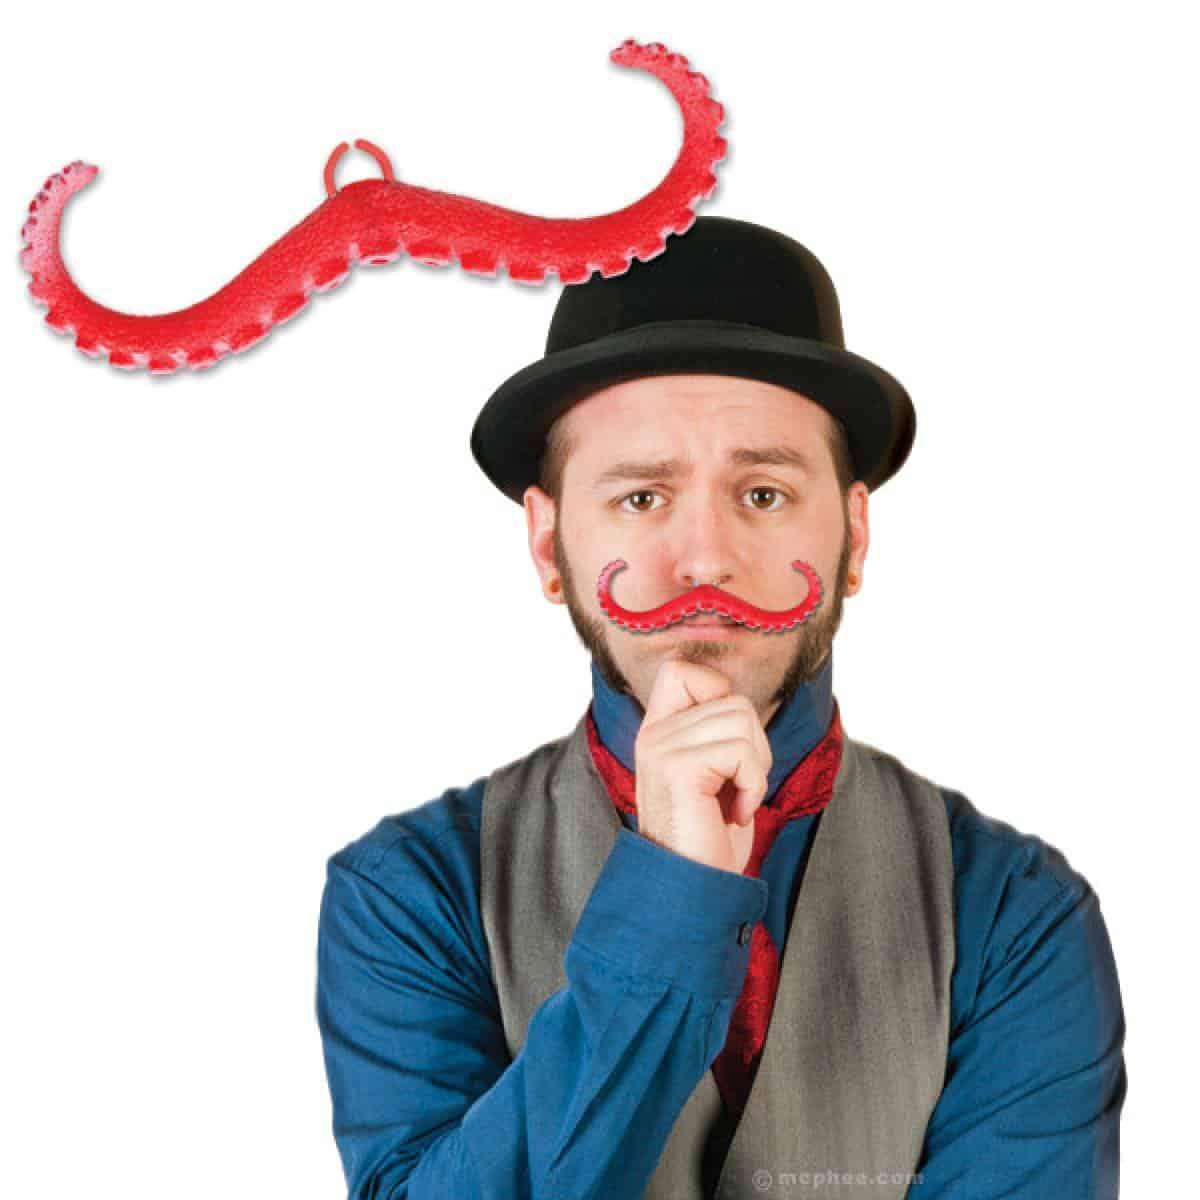 Tentacle Mustache Simple Halloween Costume